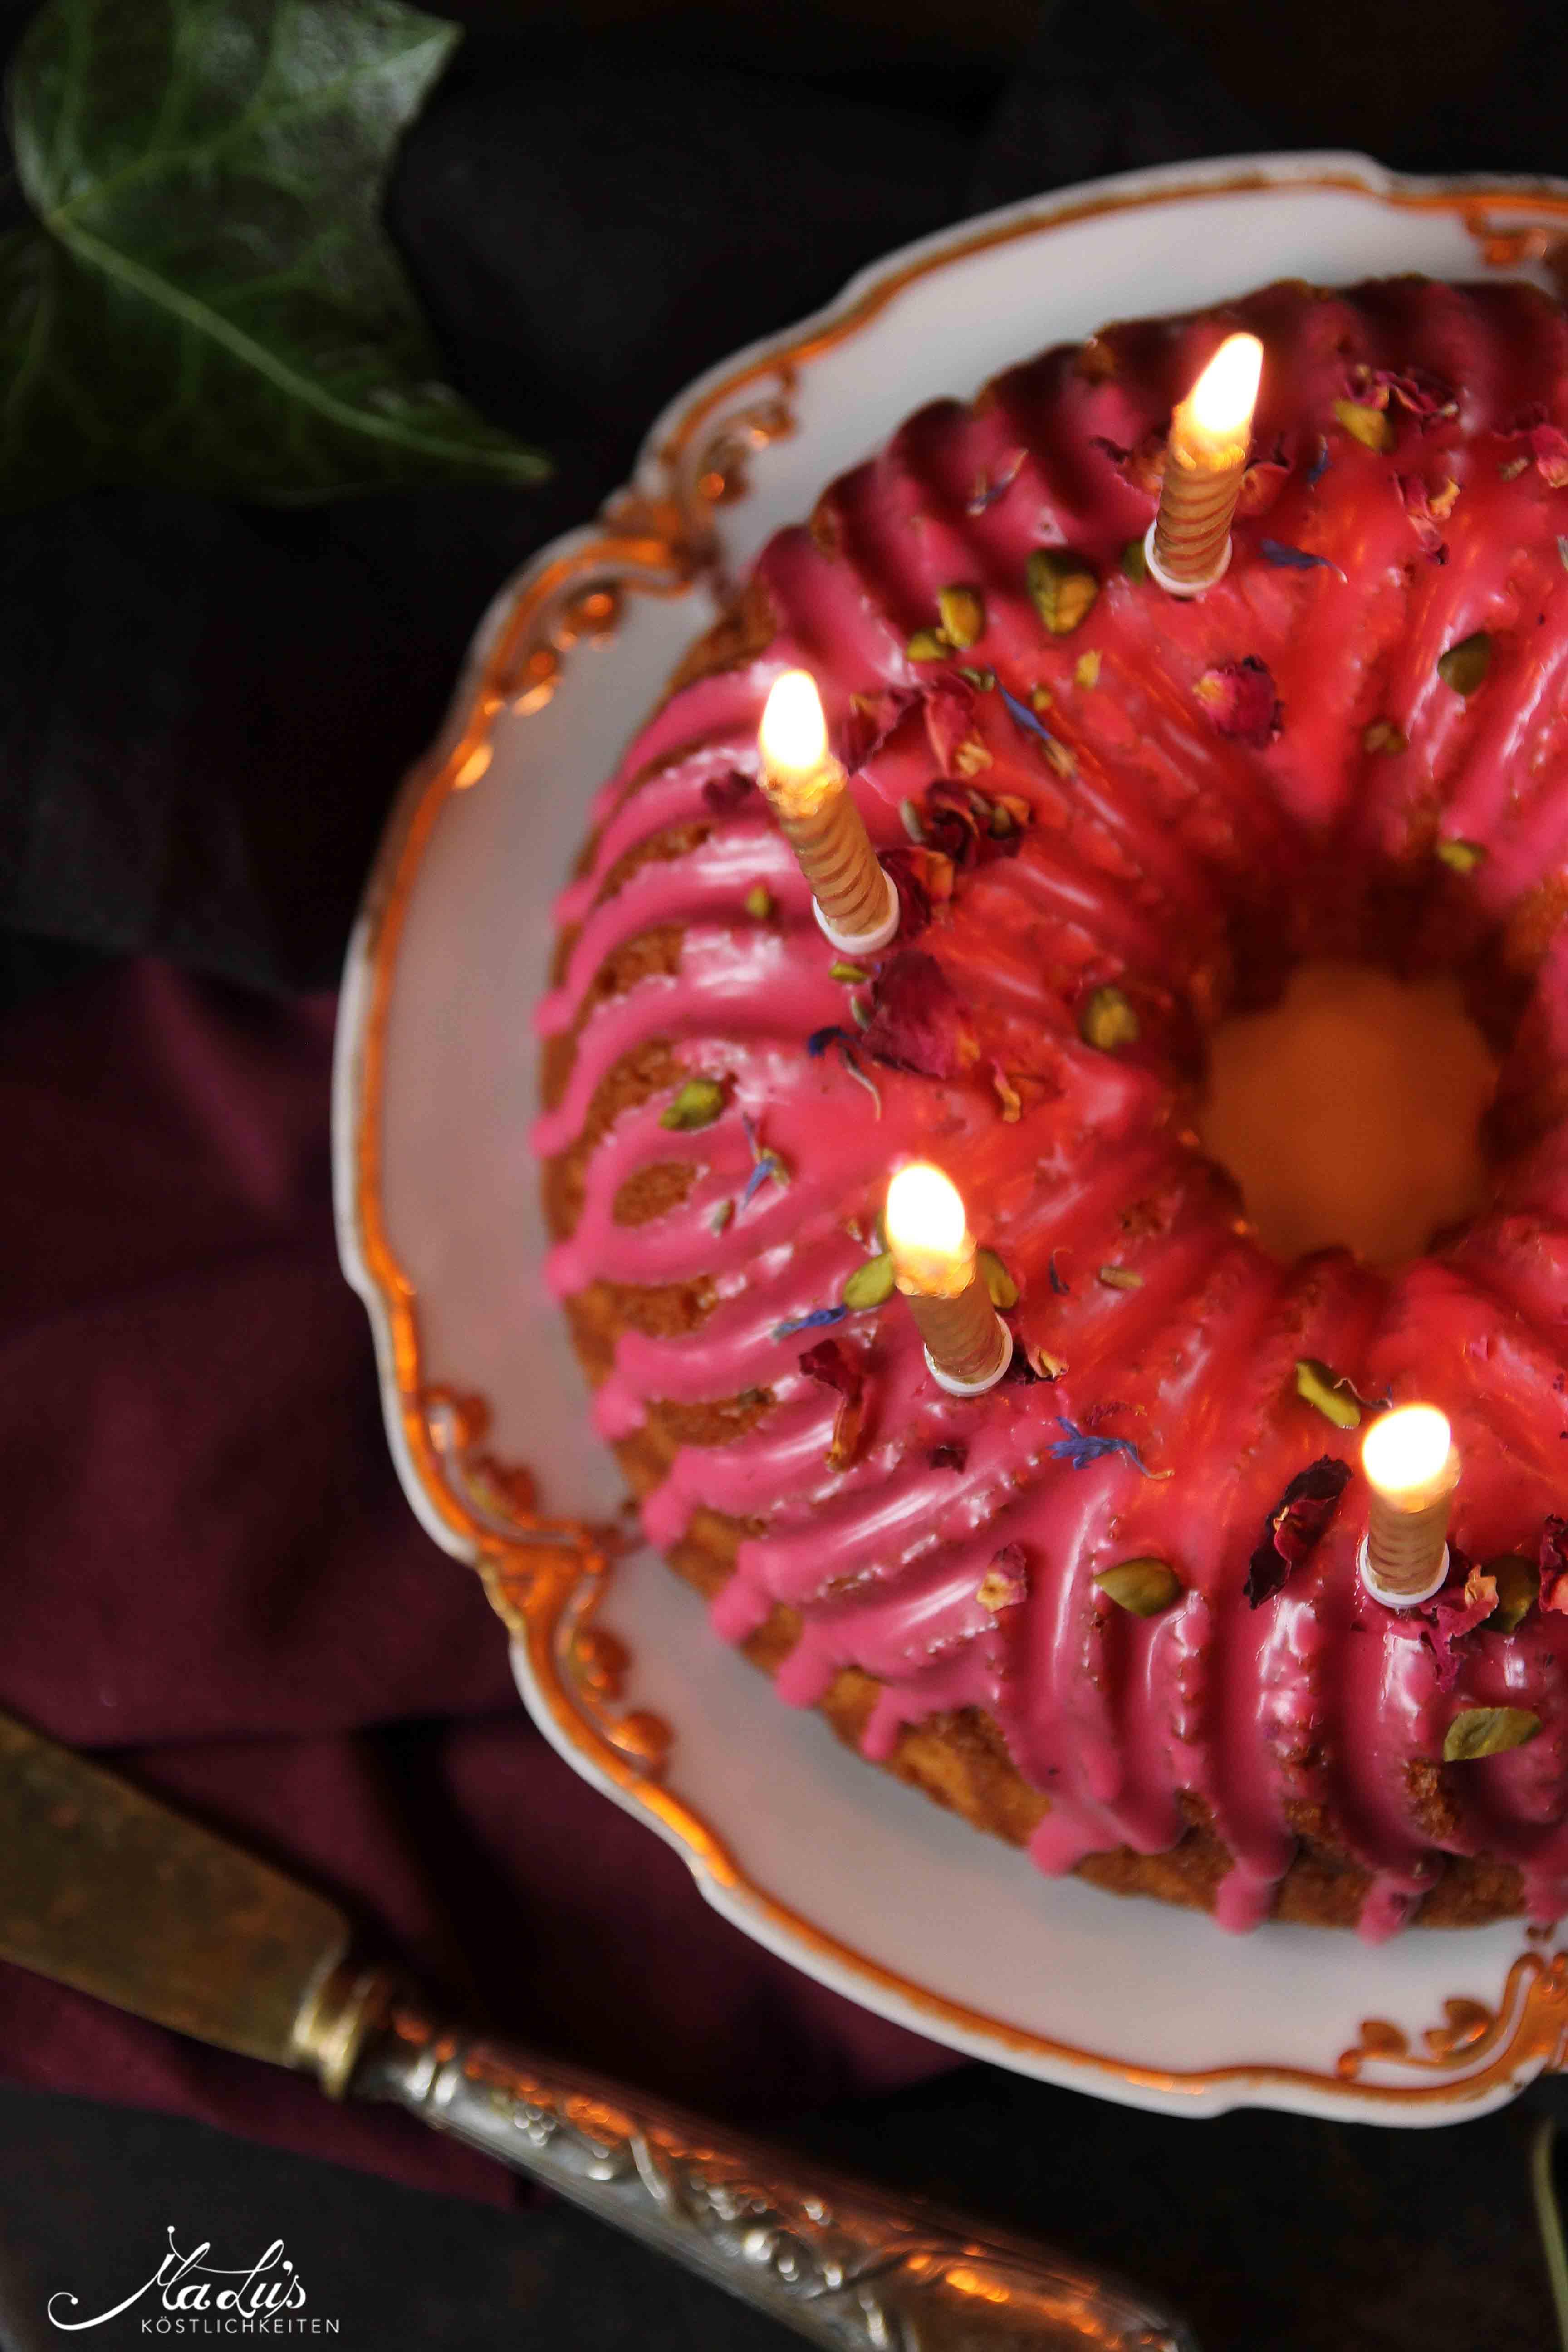 Duftiger Gugelhupf mit Rose & Hibiskus - Maren Lubbe - Feine